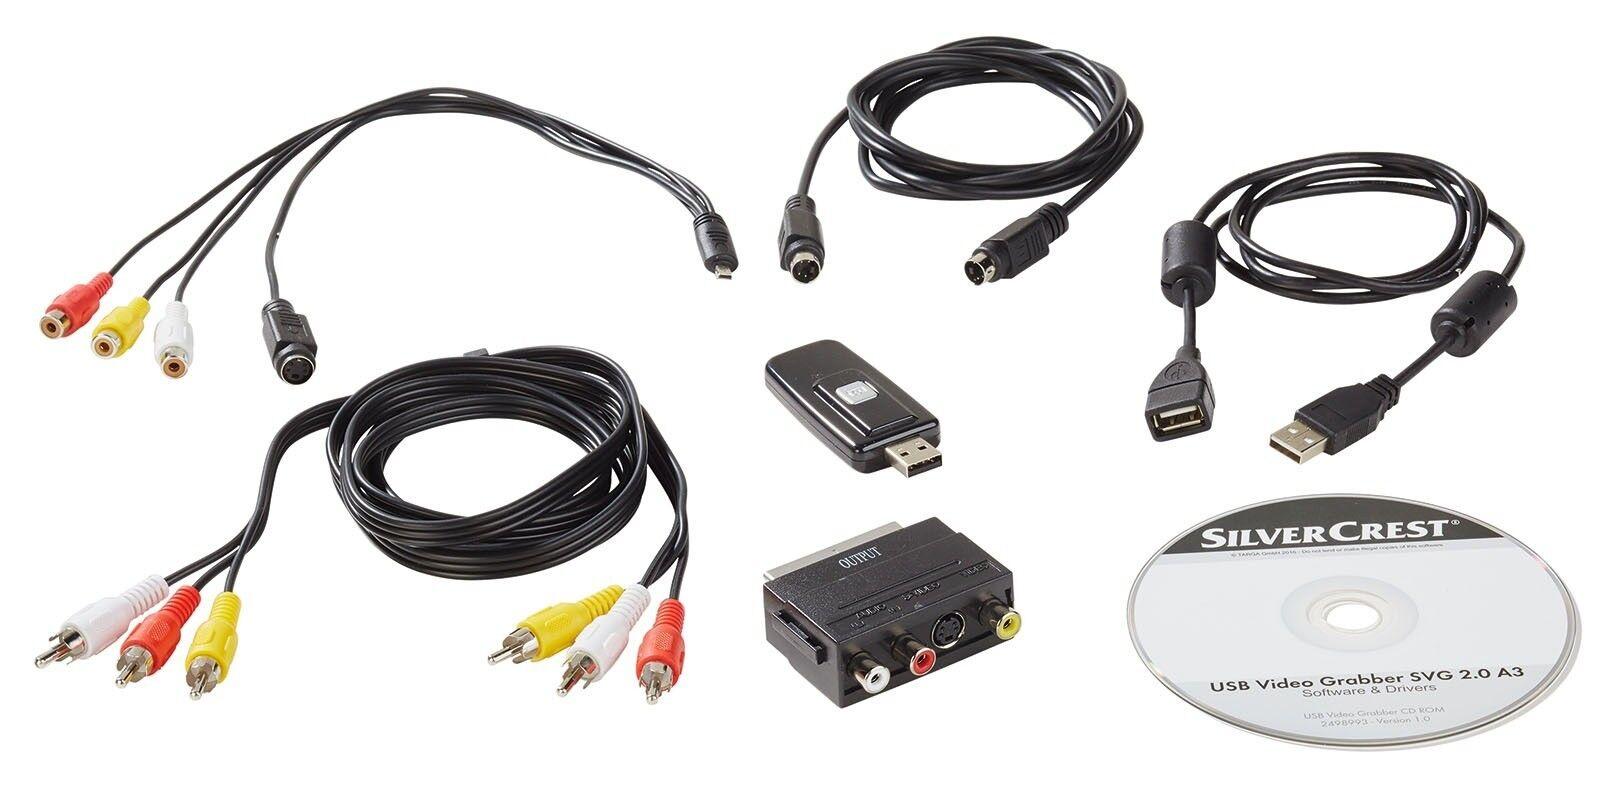 Video Grabber Digitalisierungsgerät USB + Videobearbeitungssoftware. NEU & OVP